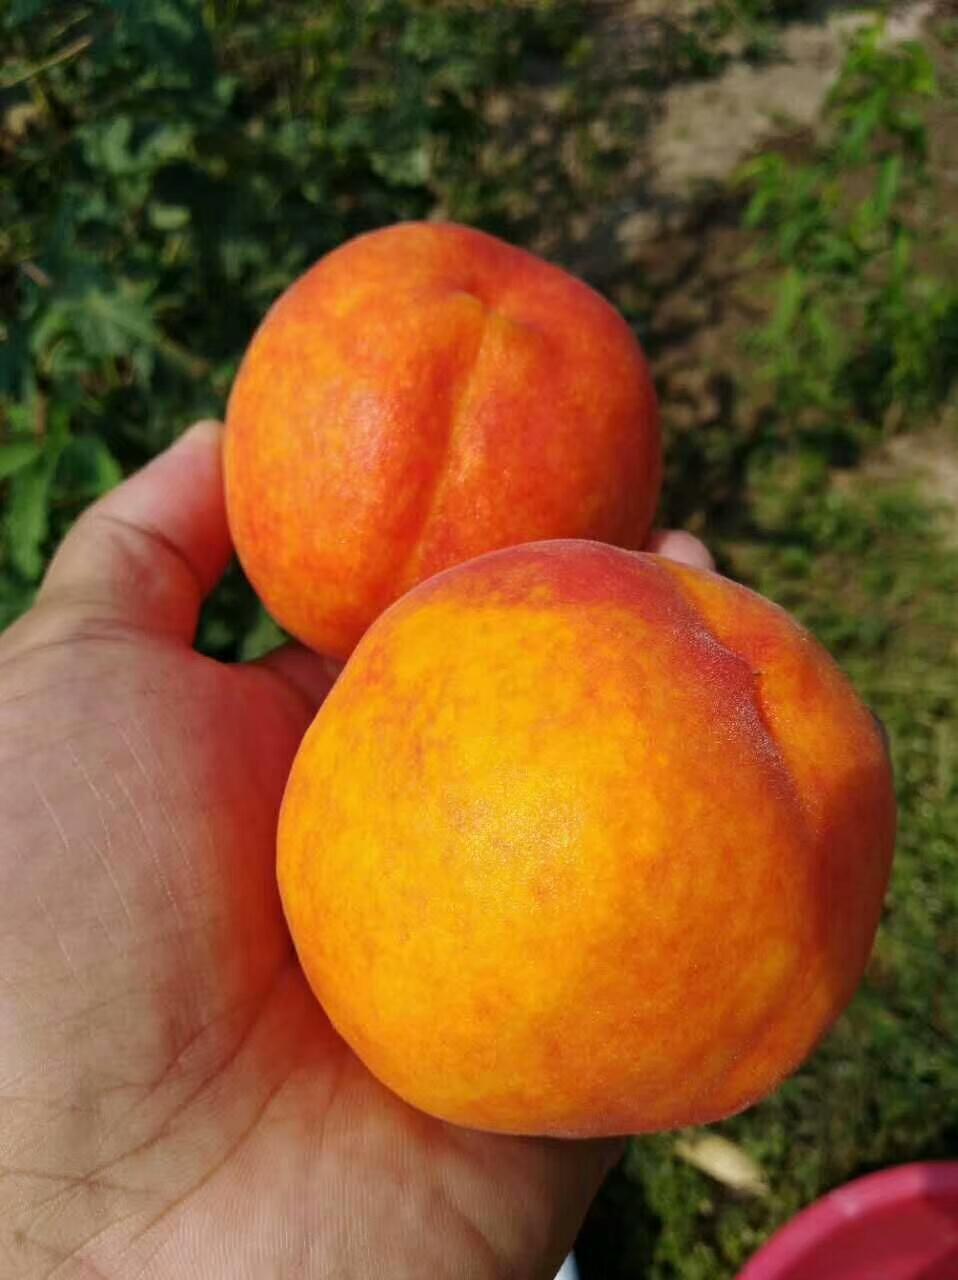 新黄金蜜1号黄桃、种植、价格、批发、报价【兴化市猕梦园花木种植场】